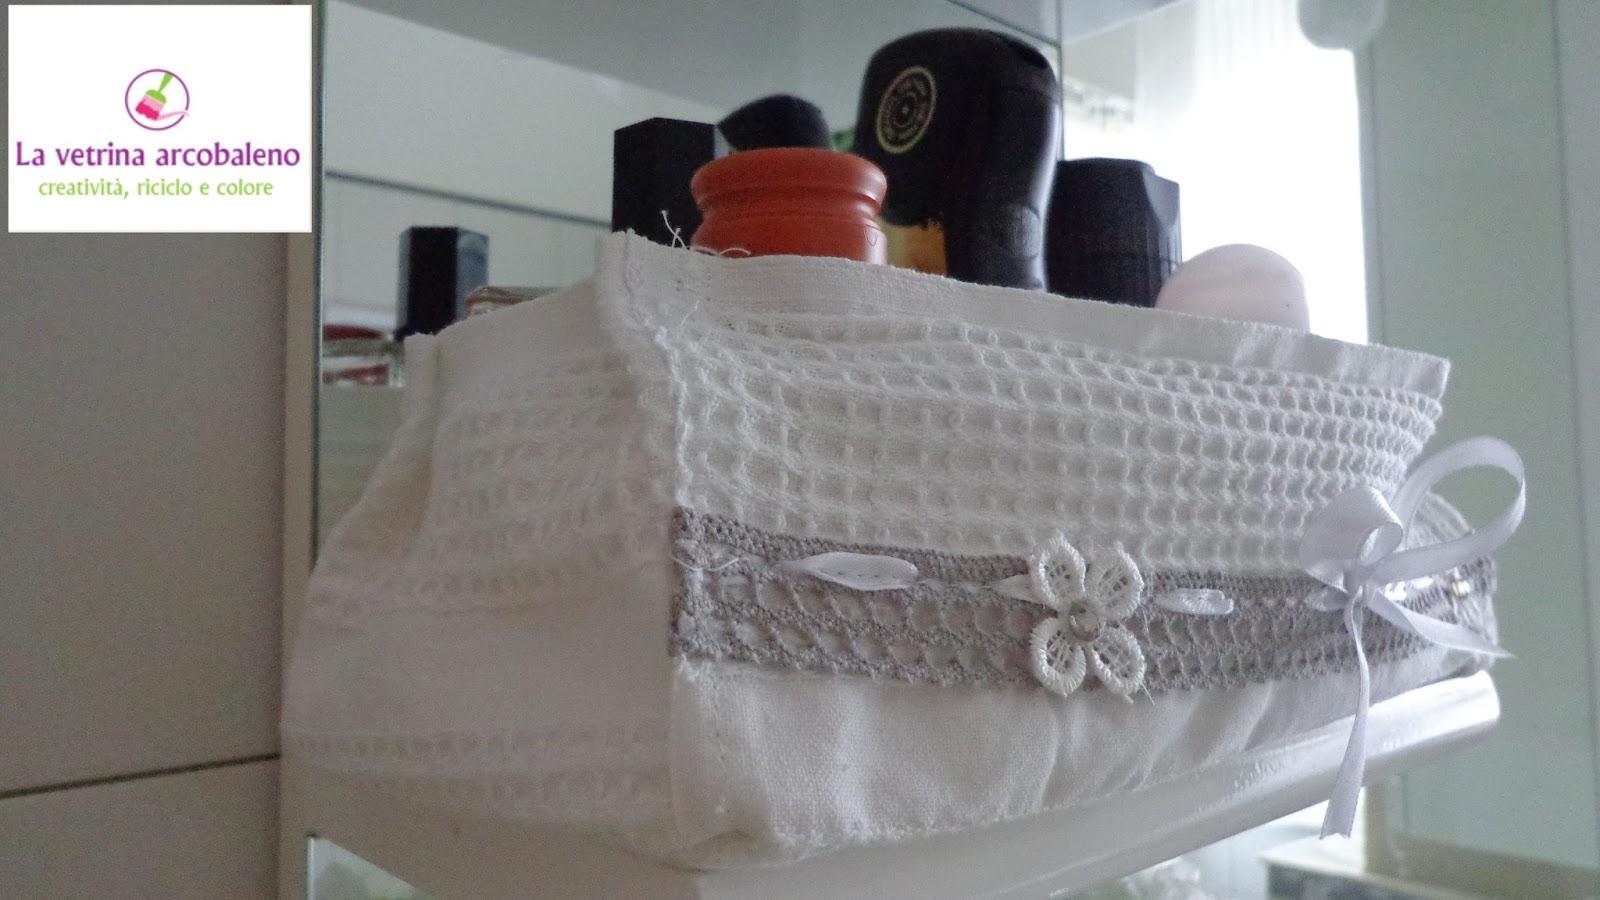 La vetrina arcobaleno cestini in stoffa da bagno - Cestini all uncinetto per il bagno ...